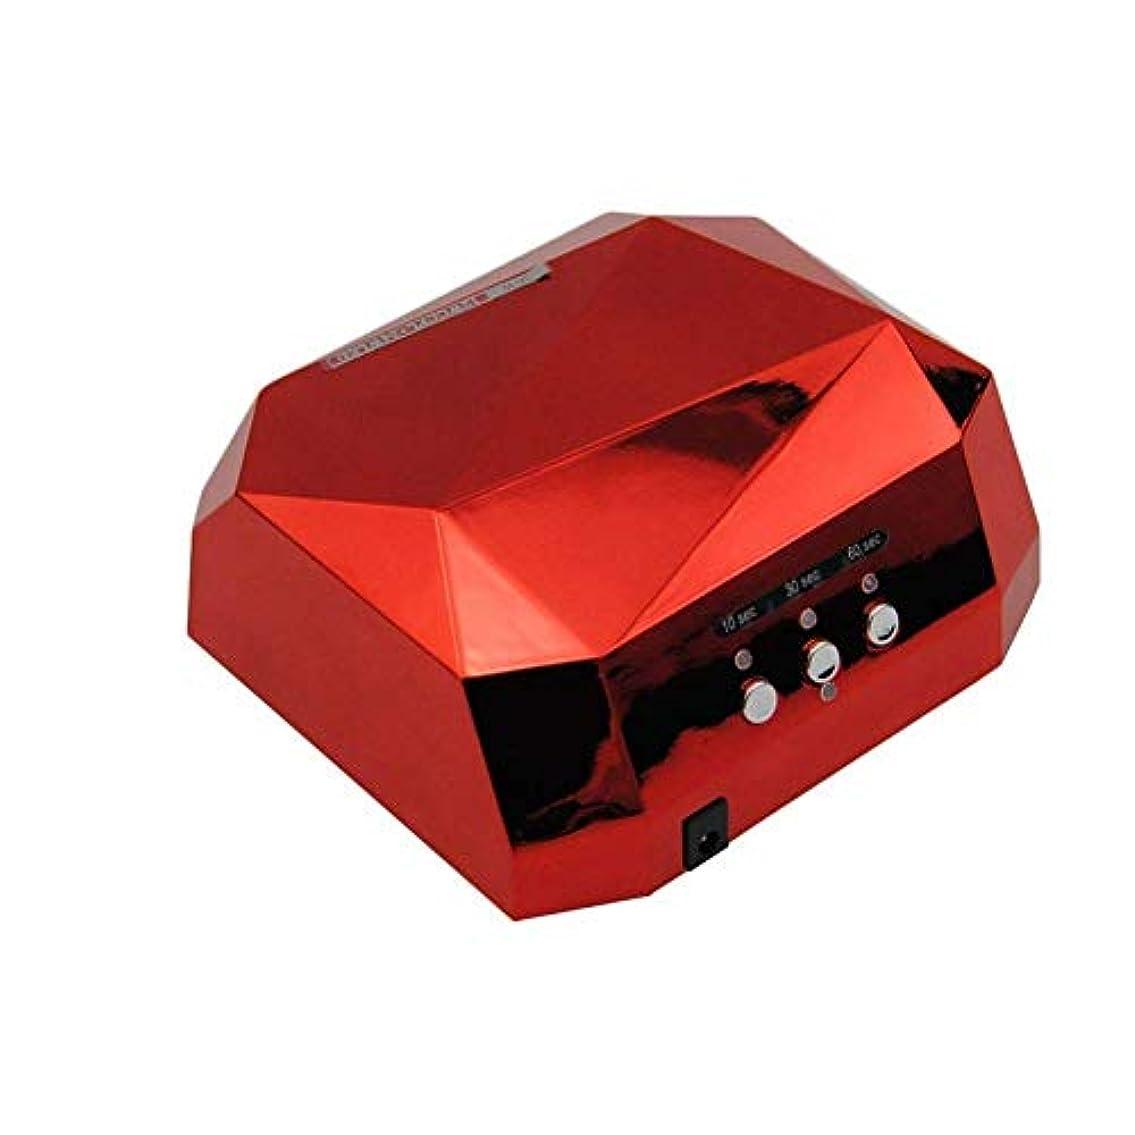 正義母歌手ネイルドライヤーランプネイルドライヤーLEDドライヤーネイルダイヤモンド形36W UVランプUV硬化ゲルネイルポリッシュEU USプラグジェルネイルドライヤーランプ、写真の色